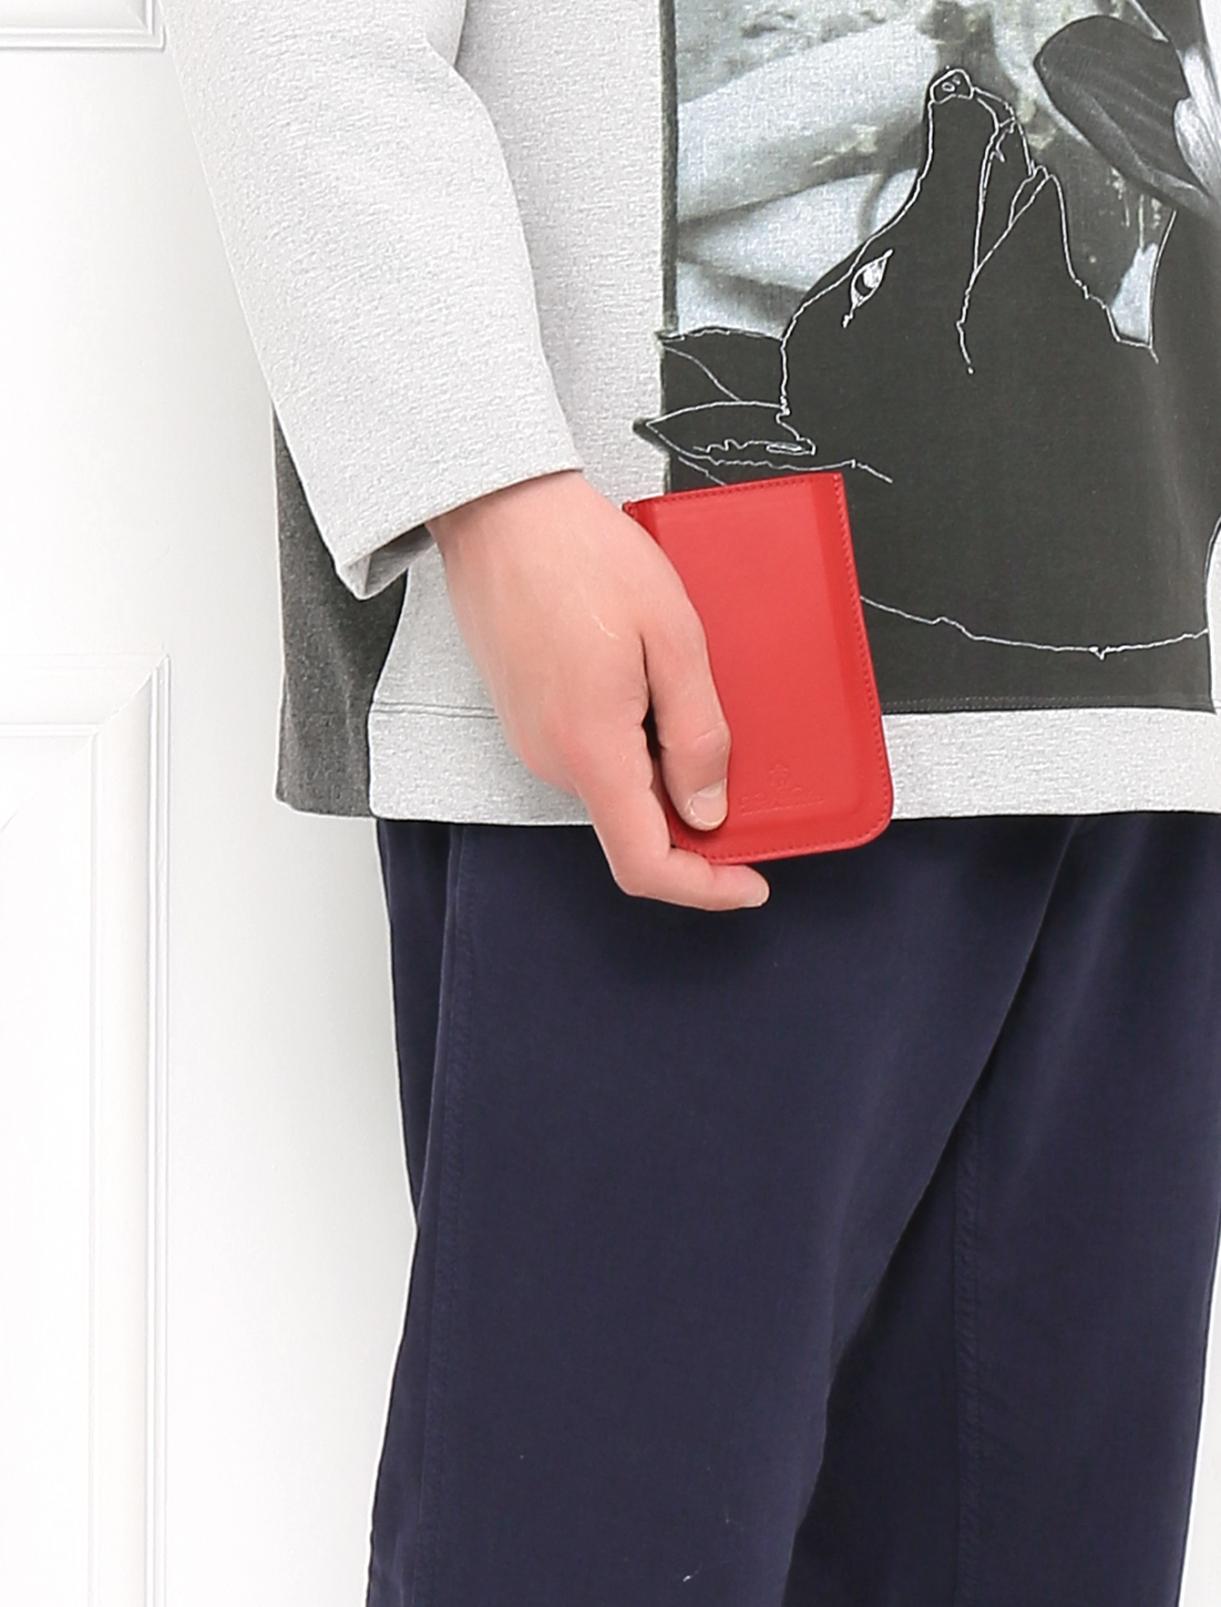 Чехол для Samsung из кожи Brooks Brothers  –  Модель Общий вид  – Цвет:  Красный